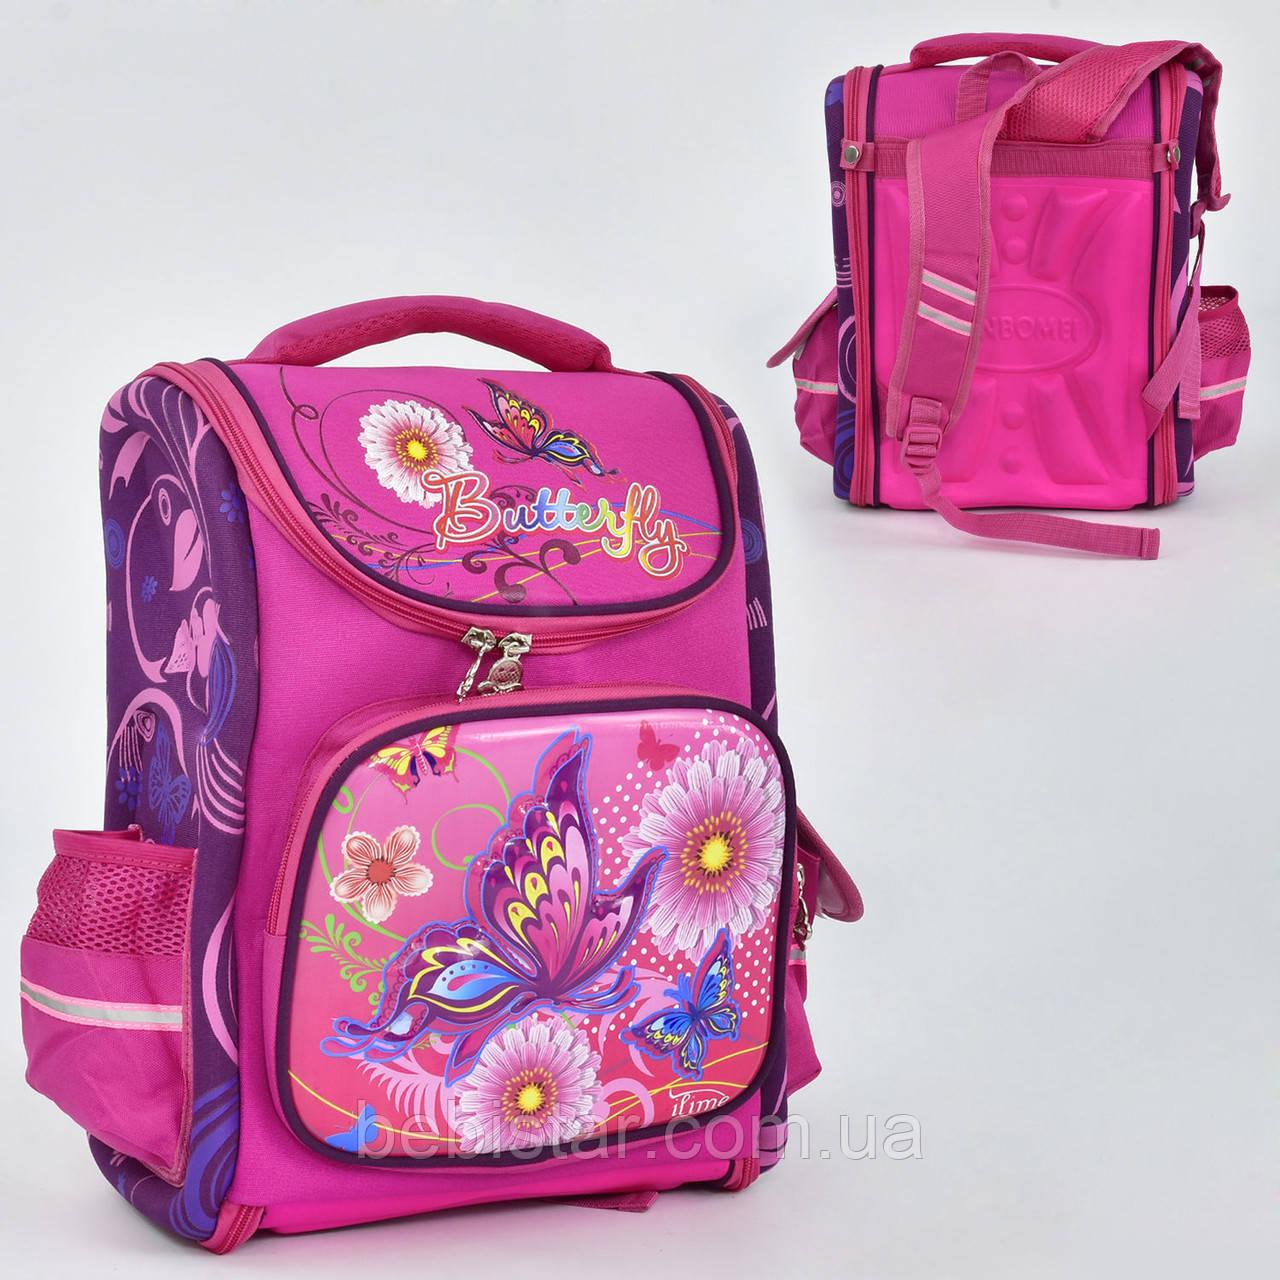 Школьный рюкзак ортопедическая спинка 3 кармана для девочки